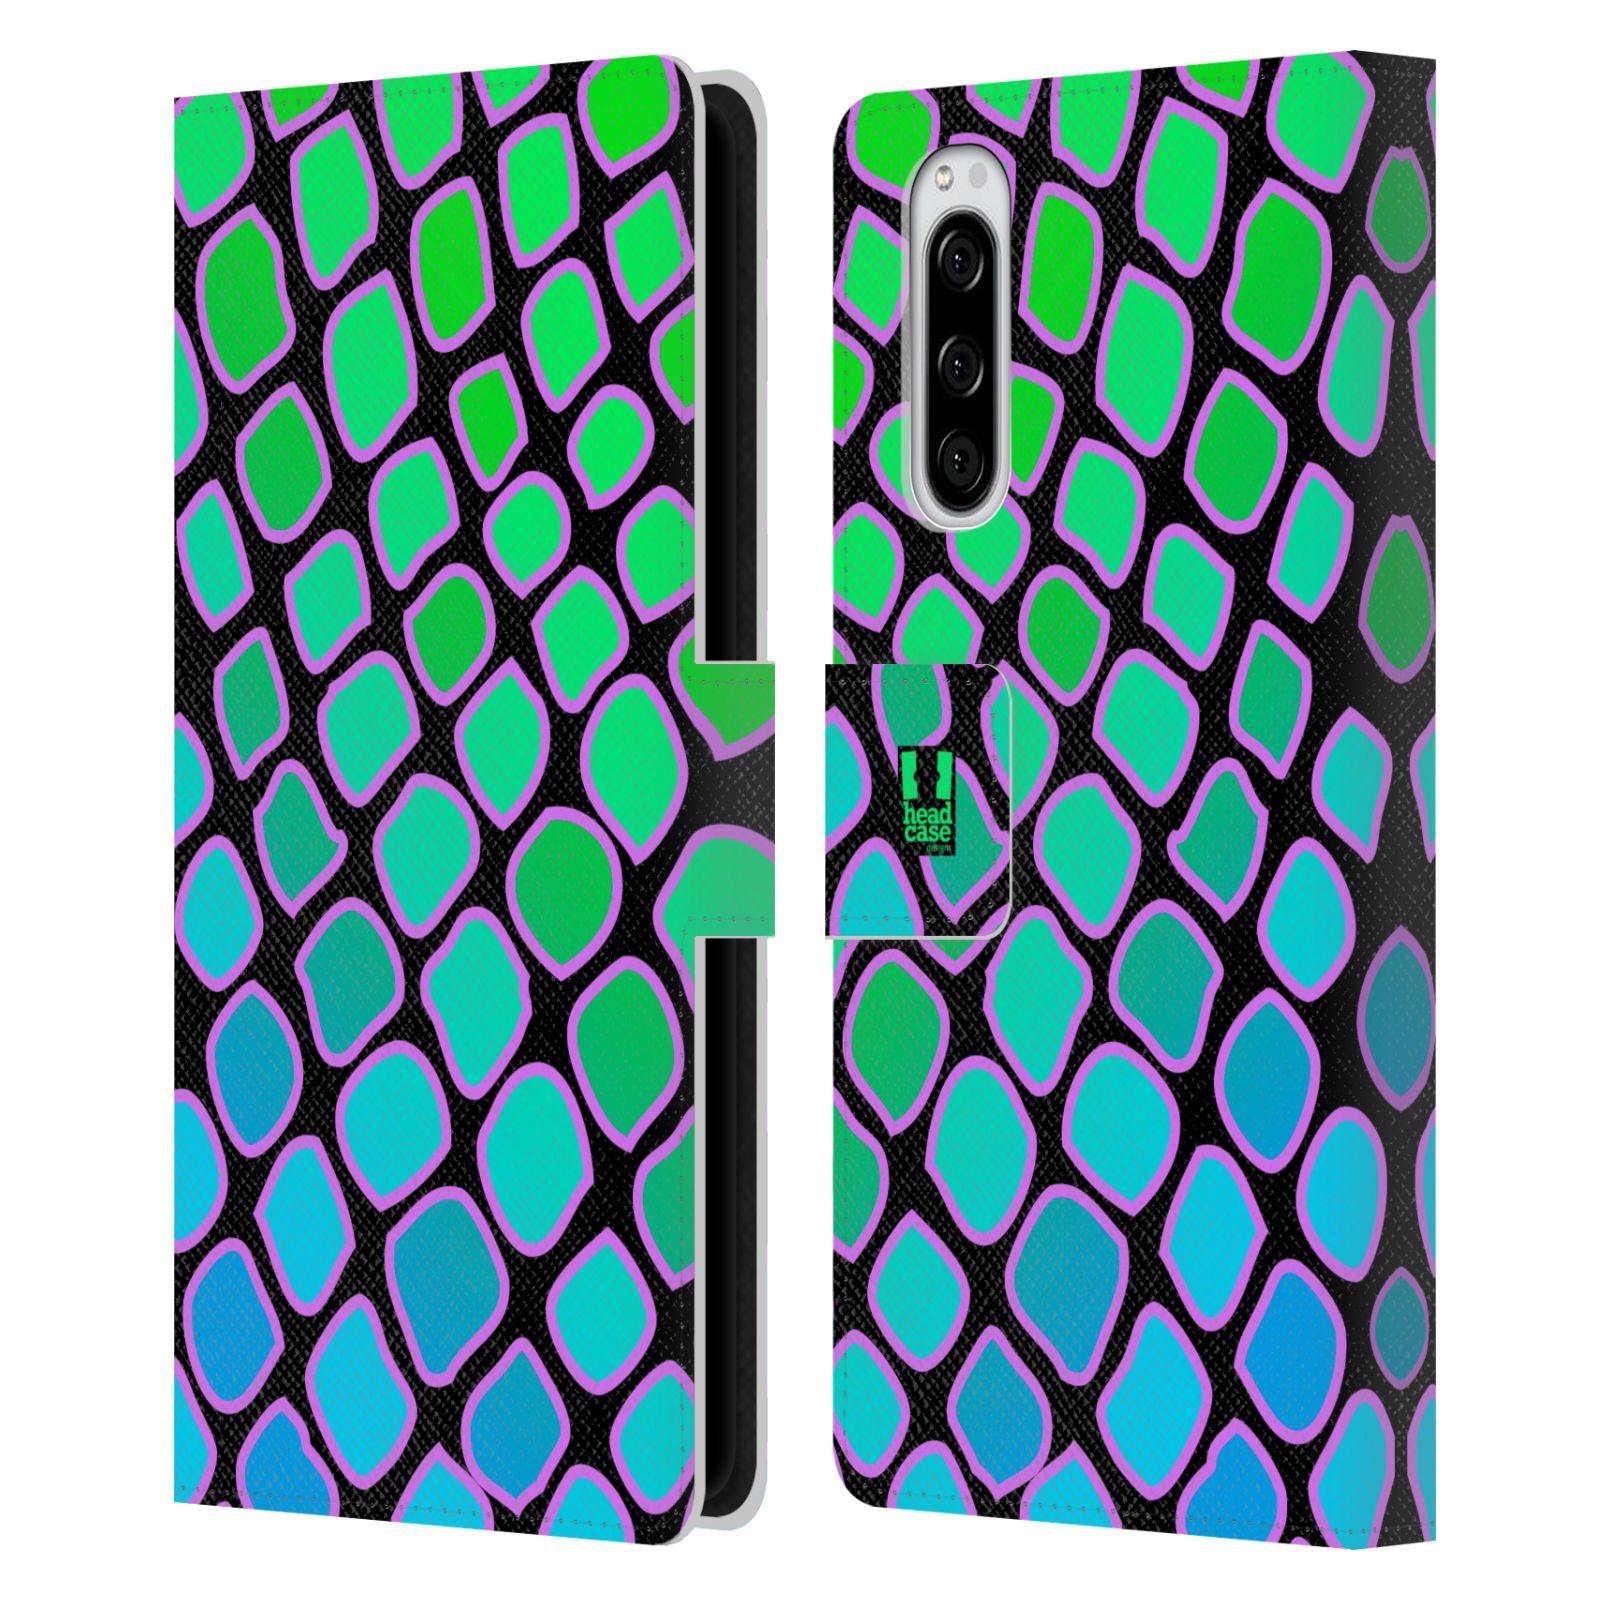 Pouzdro na mobil Sony Xperia 5 Zvířecí barevné vzory vodní had modrá a zelená barva AQUA